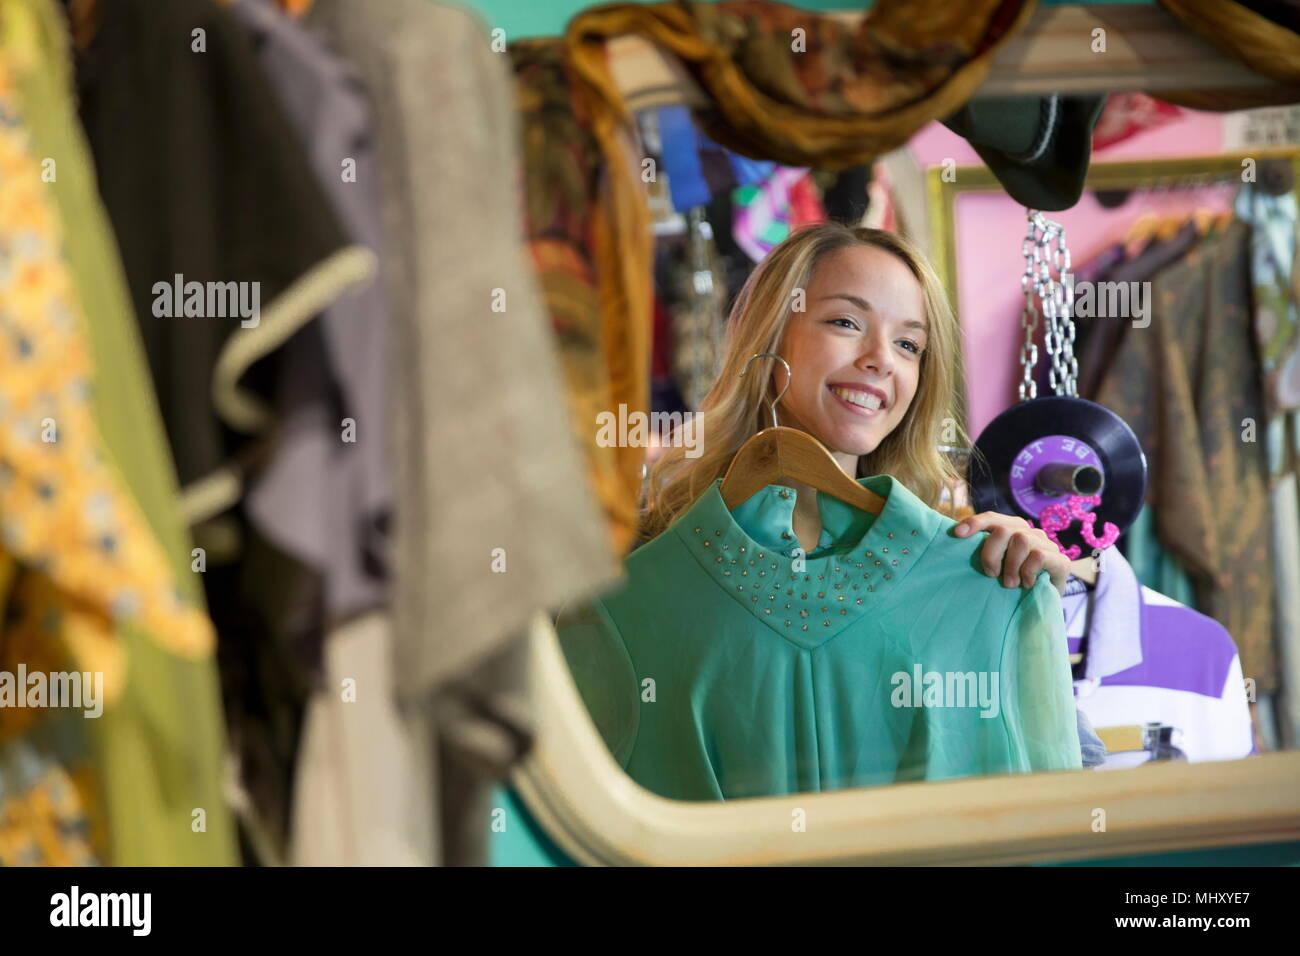 Imagen de espejo de la joven tratando de Vintage ropas en thrift store Imagen De Stock